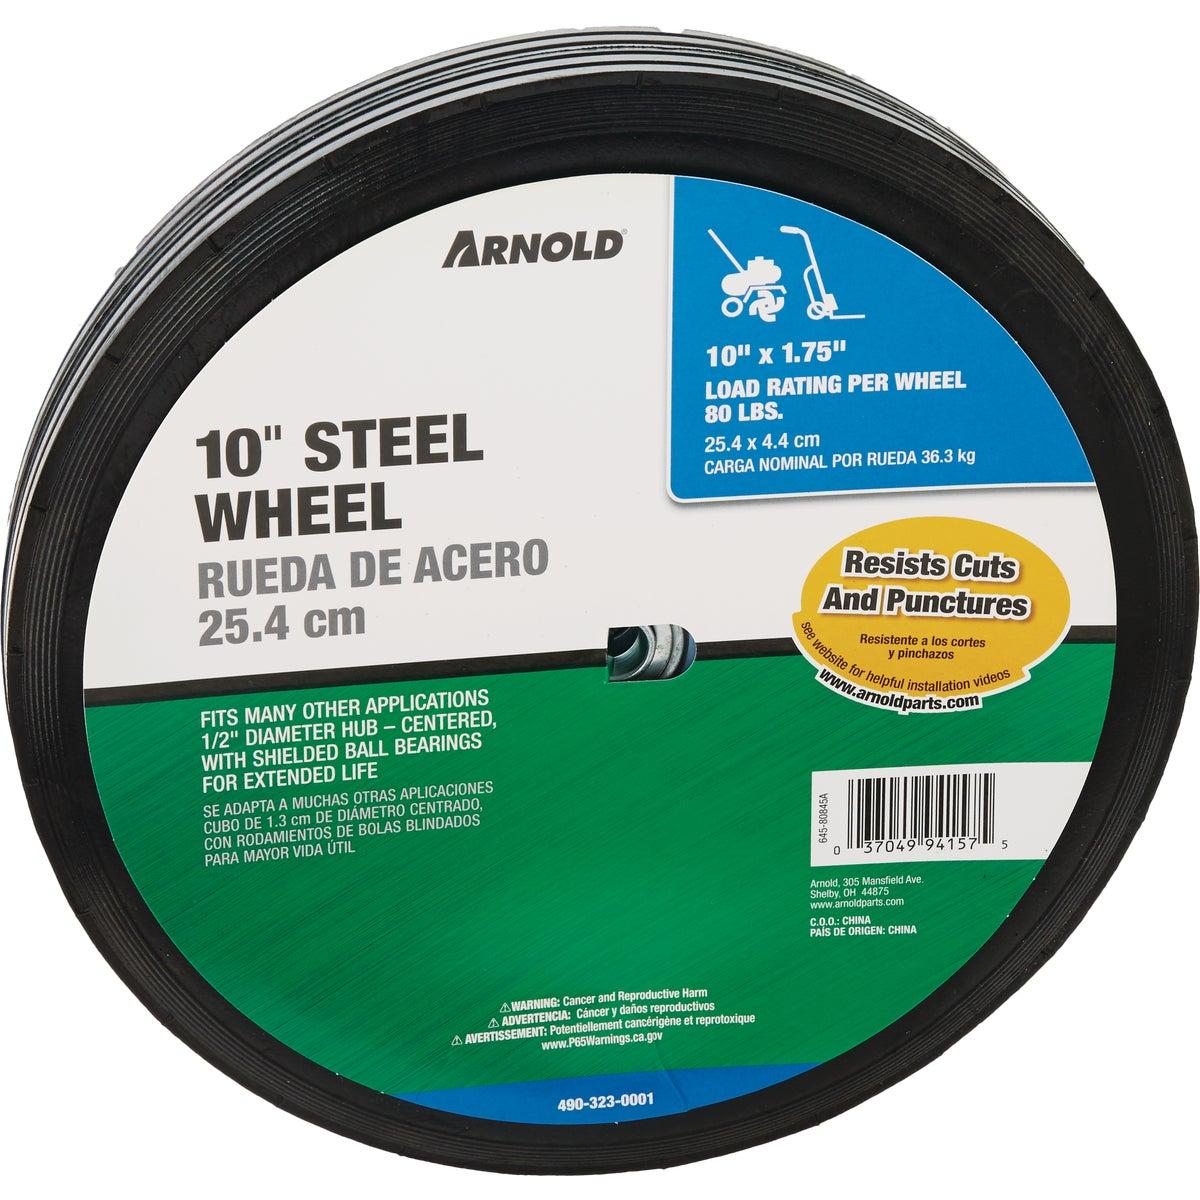 10X2.75 CTR STEEL WHEEL